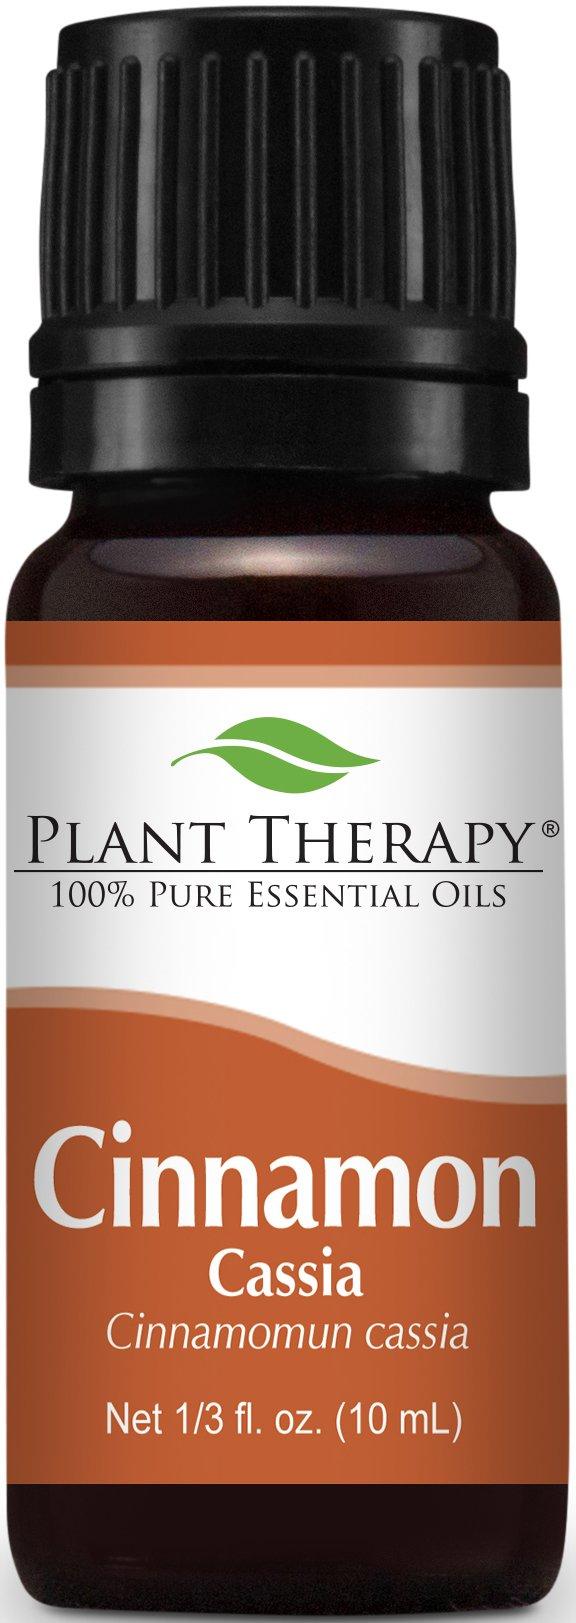 Plant Therapy Cinnamon Cassia Essential Oil. 100% Pure, Undiluted, Therapeutic Grade. 10 ml (1/3 oz).